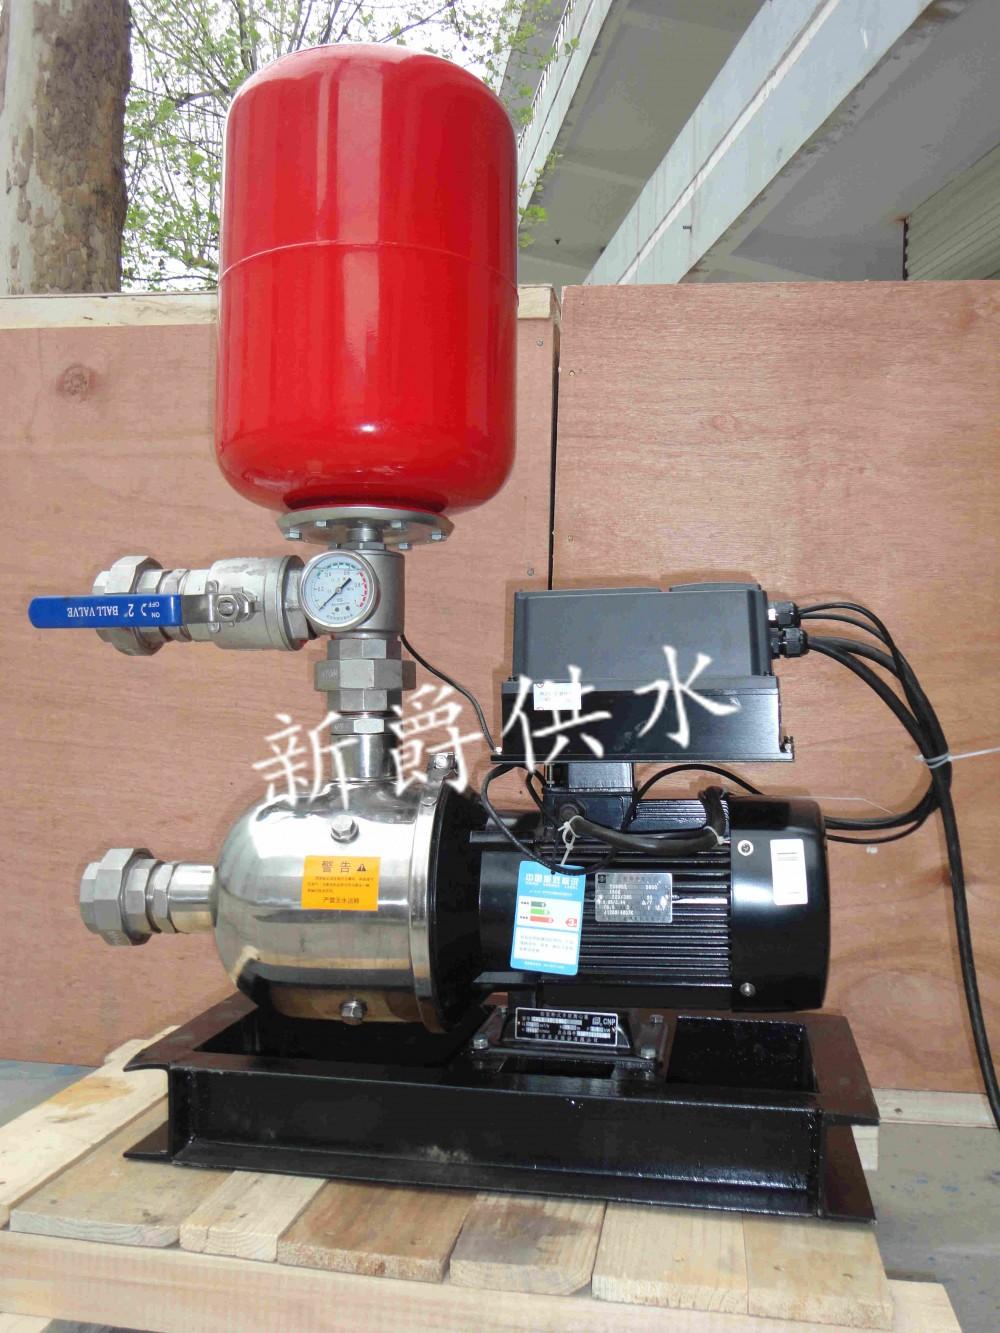 淄博新爵牌家用变频恒压水泵,解决来水压力不稳的现象